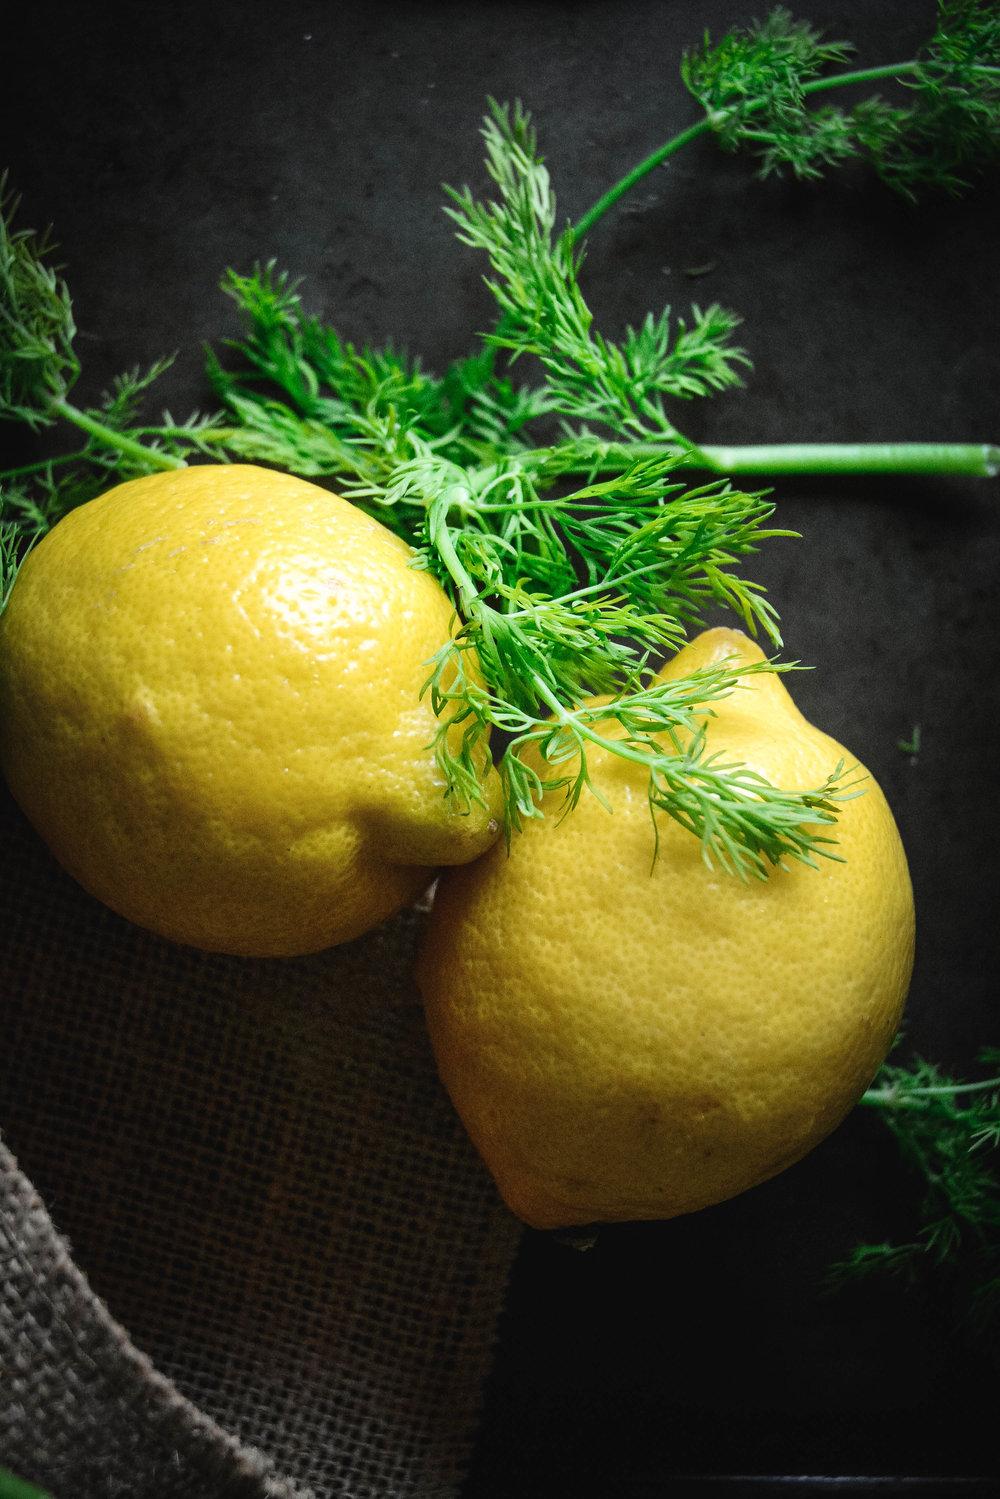 lemons updated (1 of 1).jpg